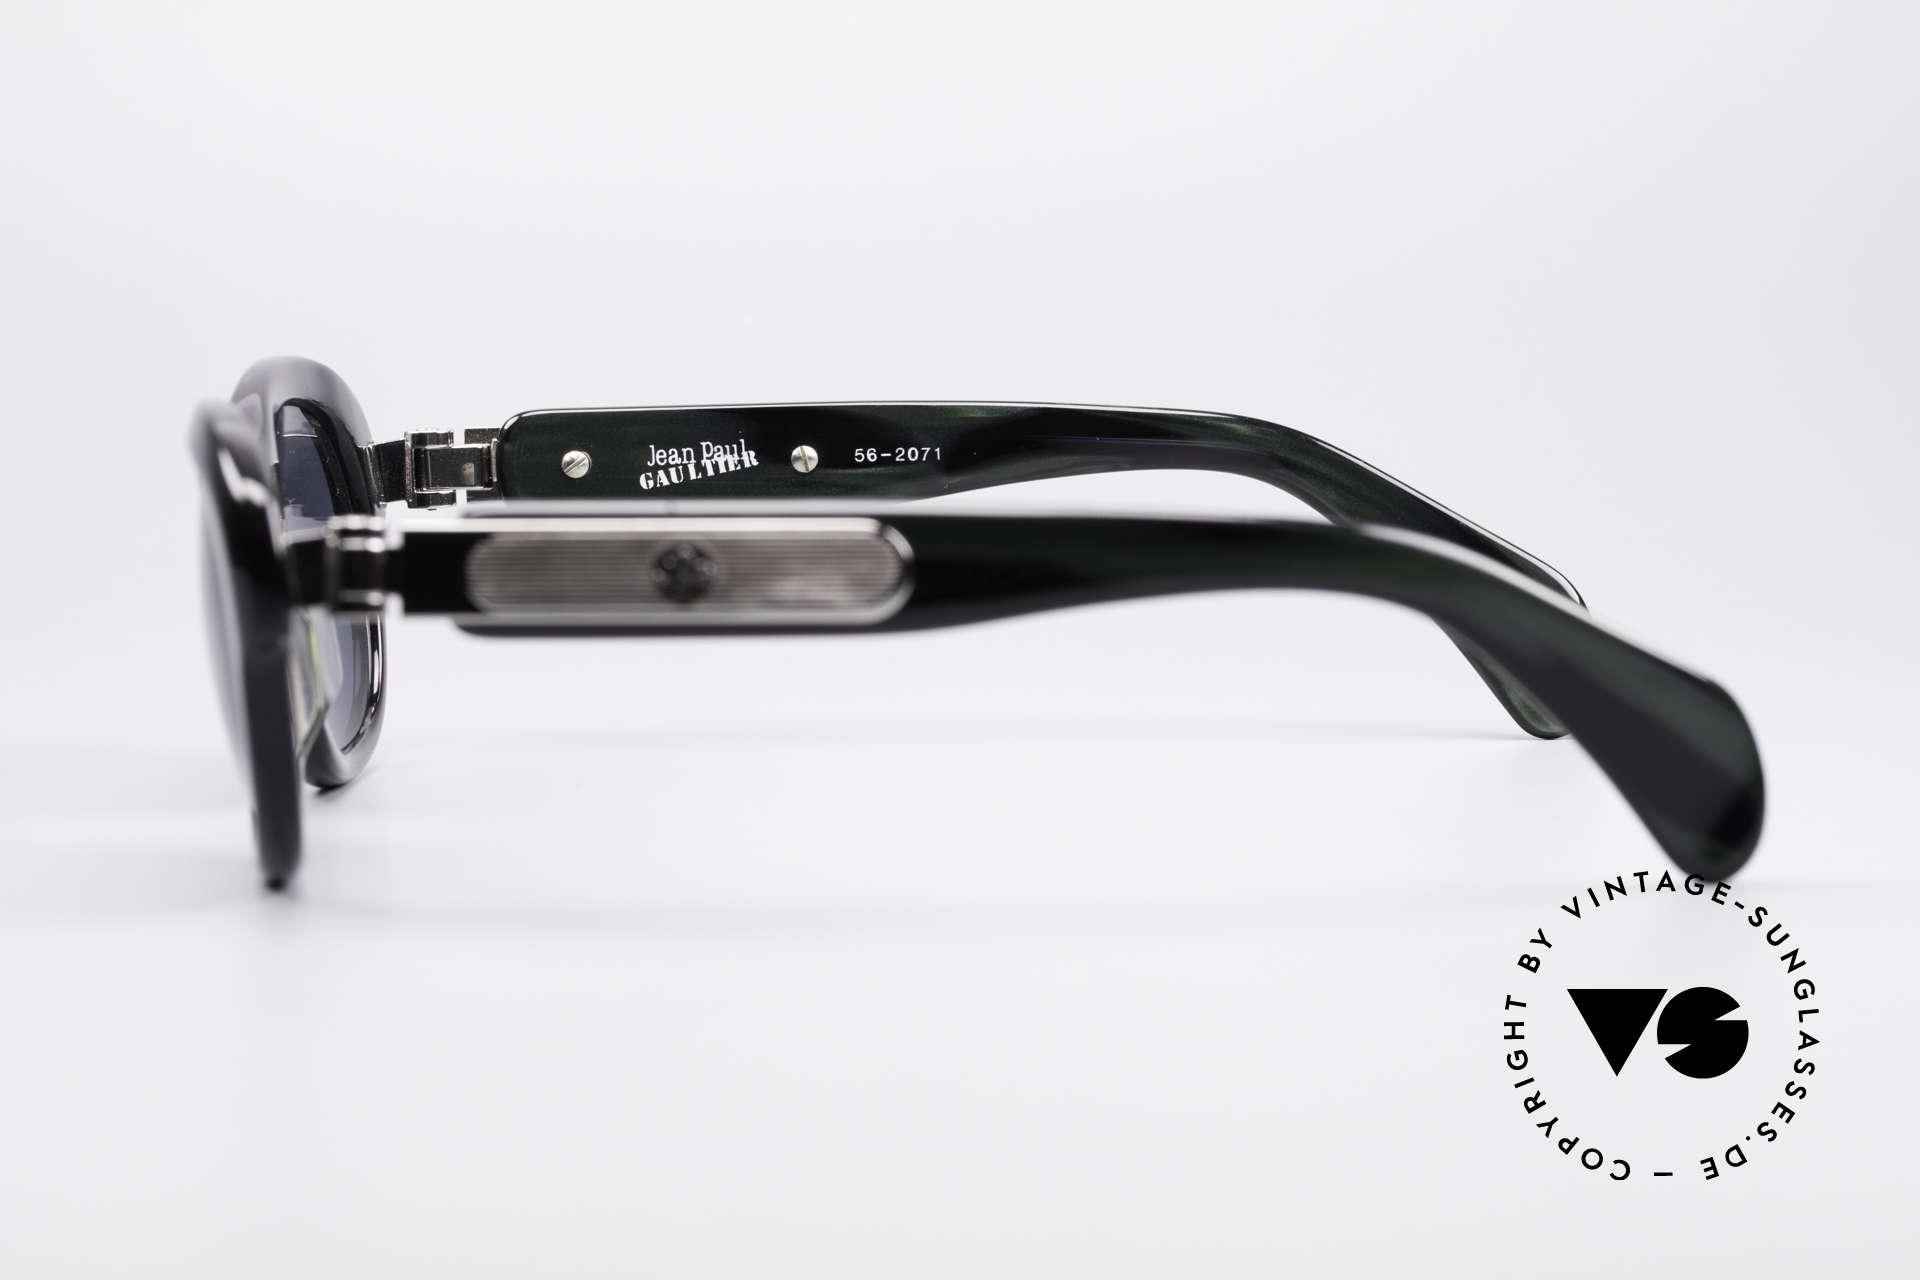 Jean Paul Gaultier 56-2071 True Vintage No Retro Brille, KEINE RETROBRILLE; ein altes Original von 1995/96, Passend für Damen